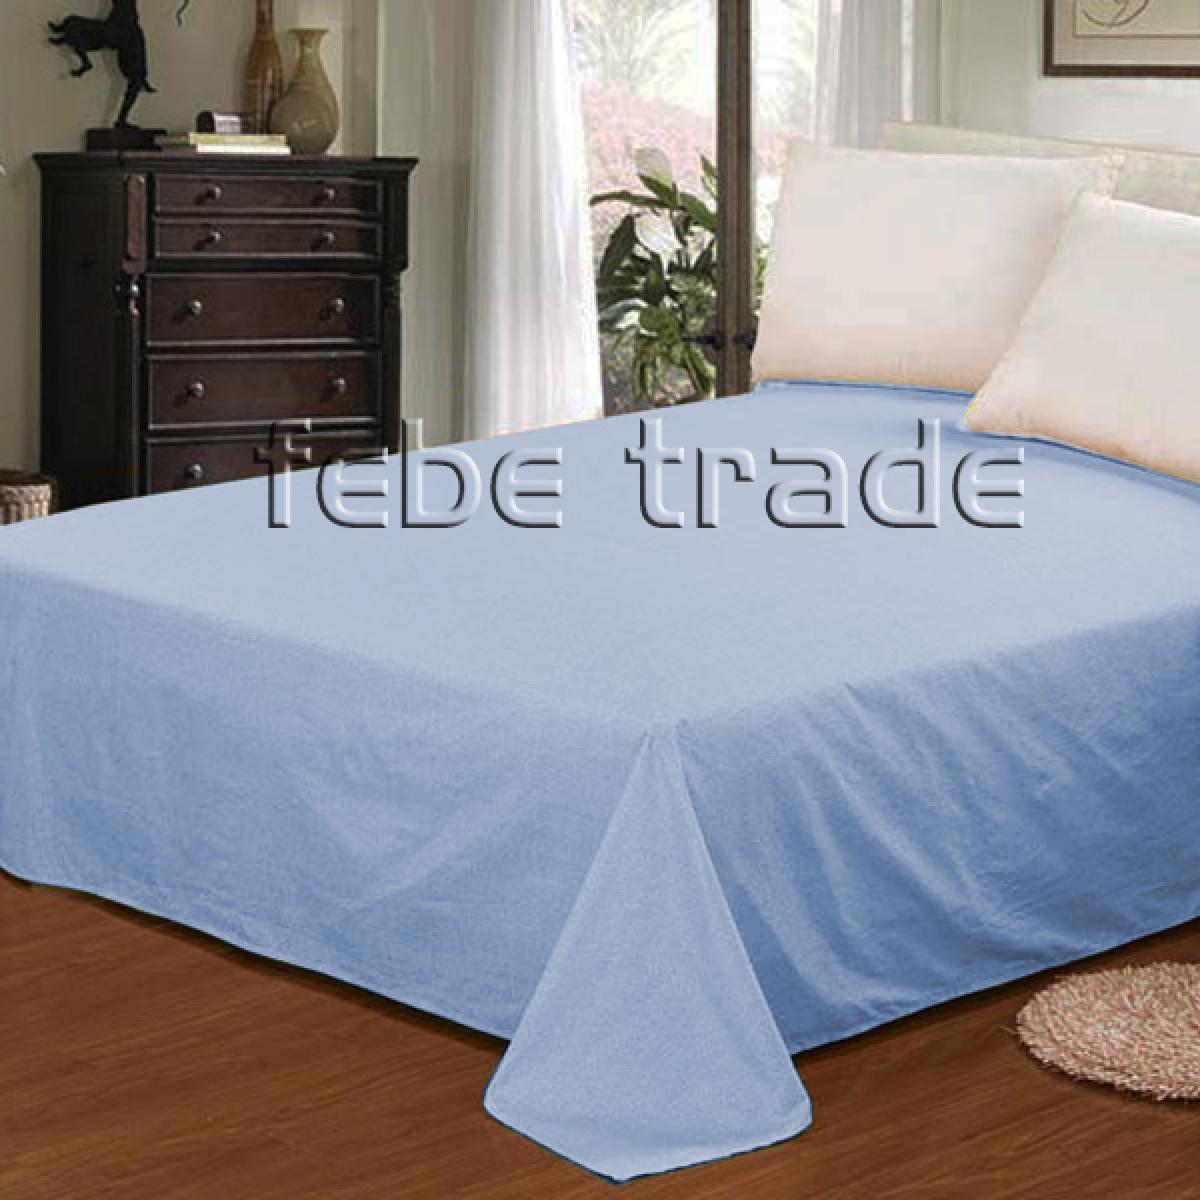 Flat sheet - 220x200 cm - mix of colors